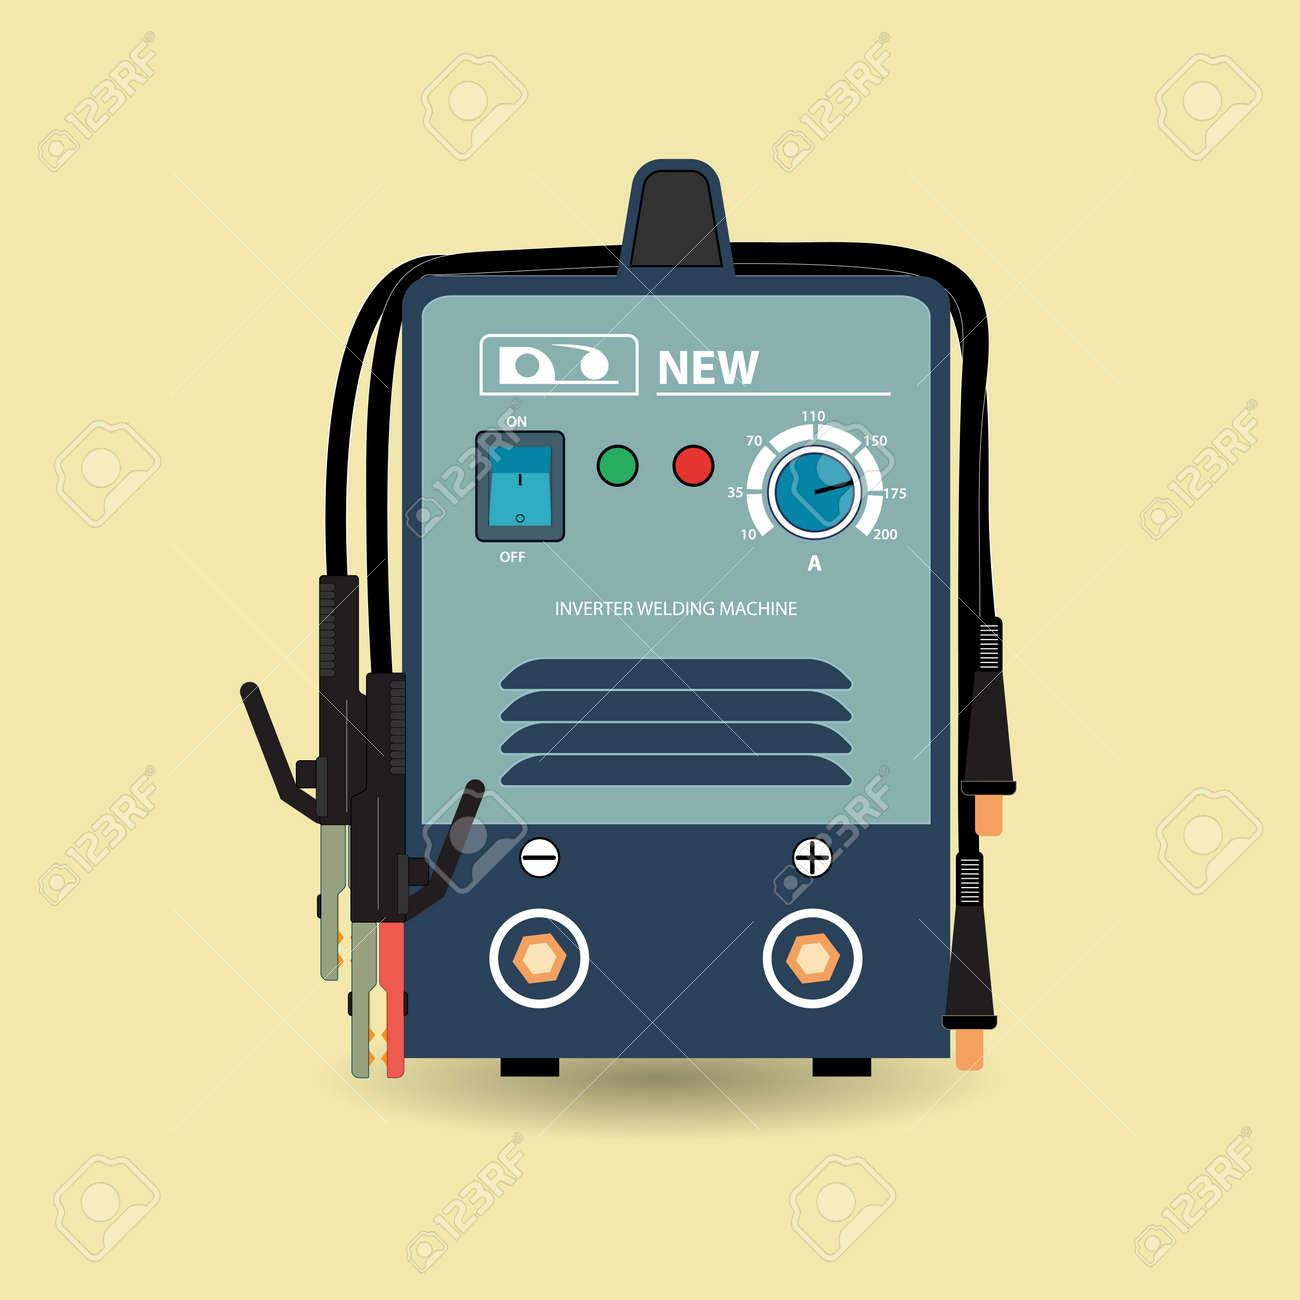 elektro-schweißgerät. inverter, schweißgerät mit klemmen